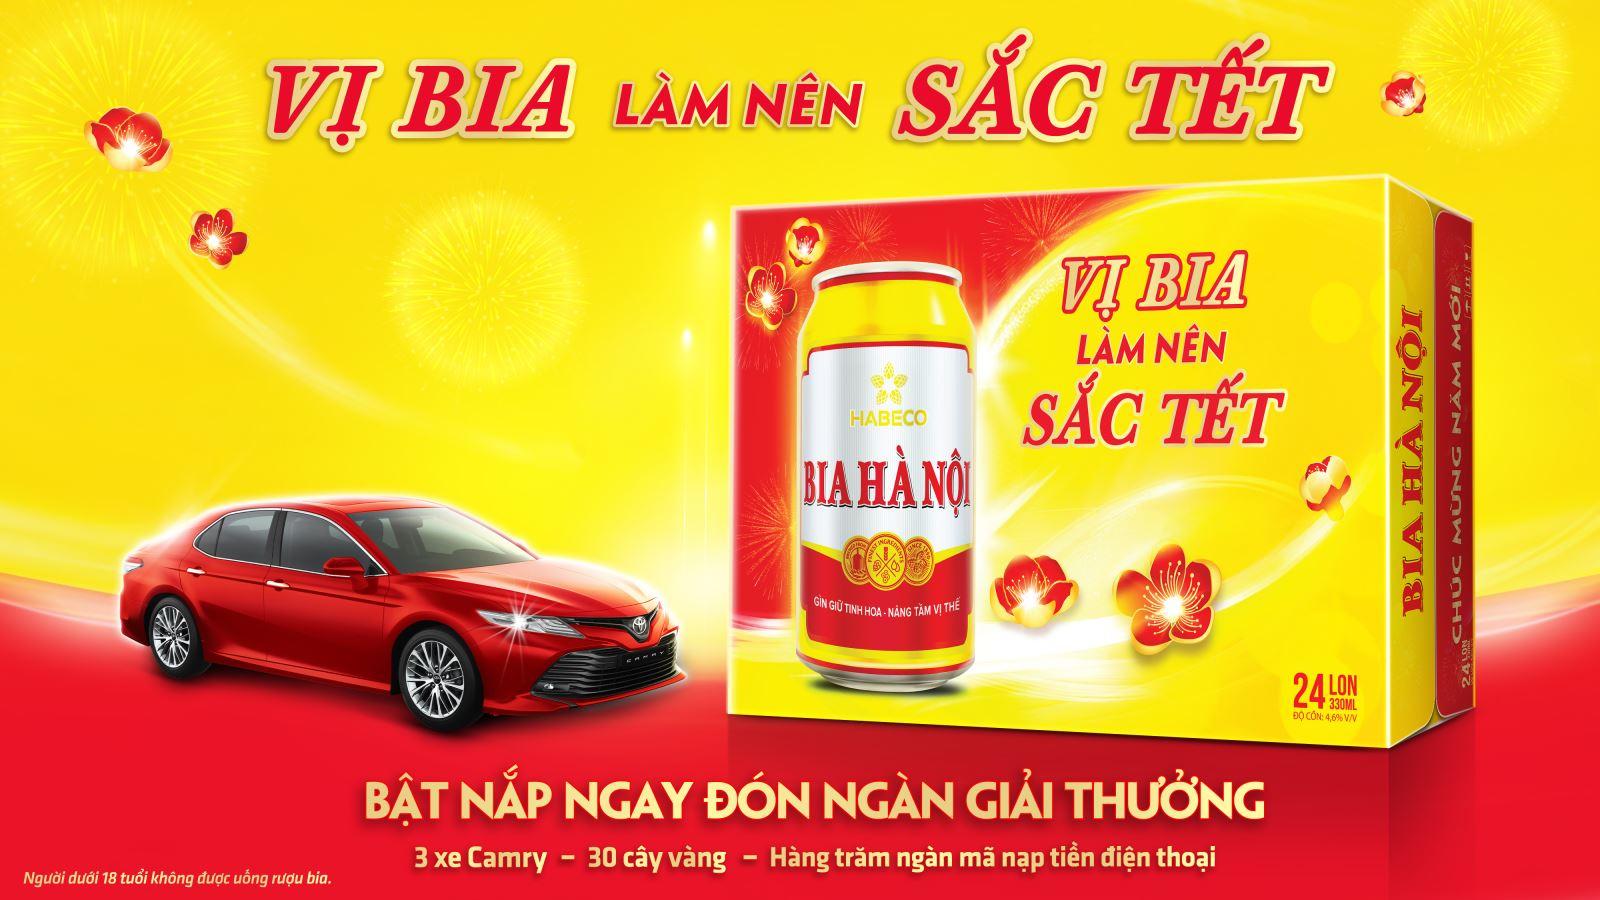 """Bia Hà Nội tưng bừng chương trình đặc biệt: """"Thấy Bia Hà Nội là thấy Tết - Vị bia làm nên sắc Tết"""""""